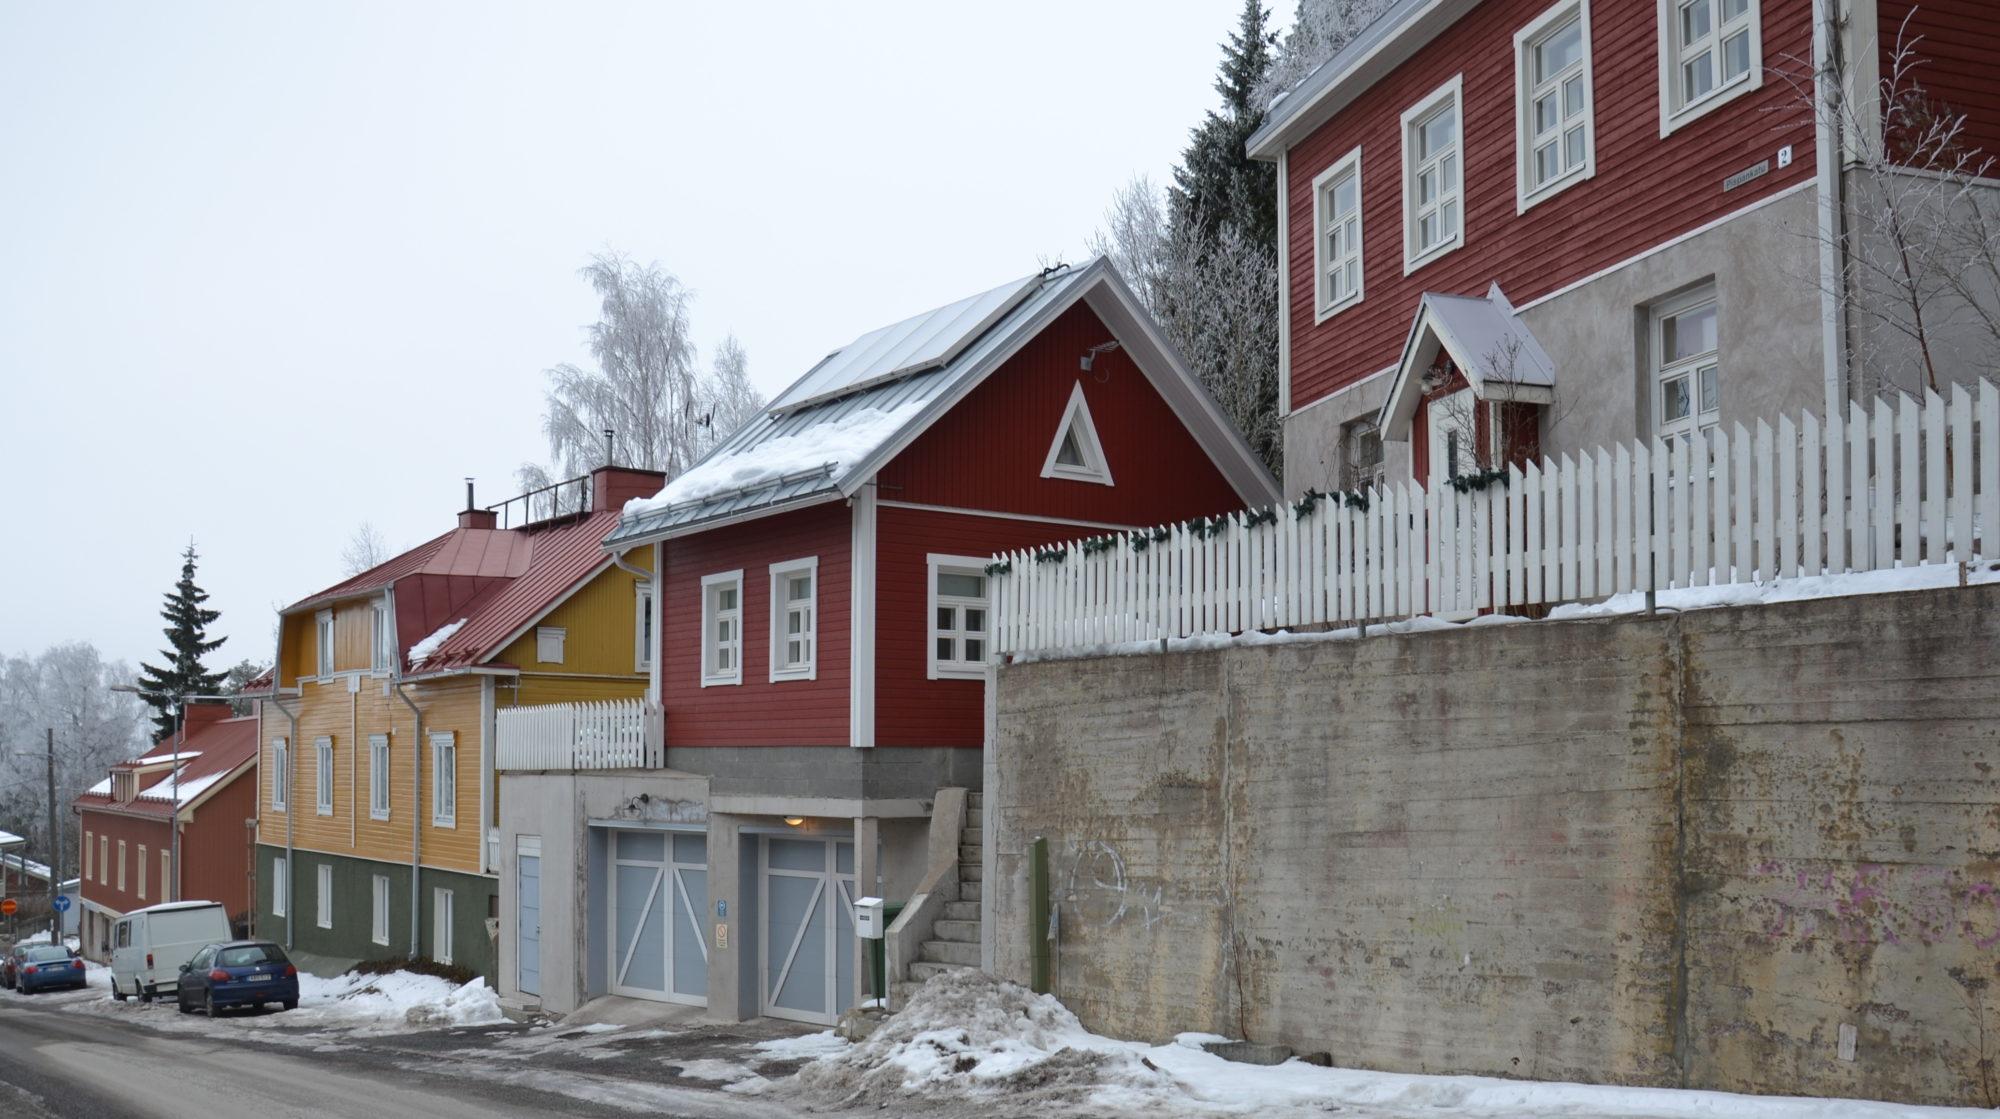 Nykyarkkitehtuuri vanhalla asuinalueella